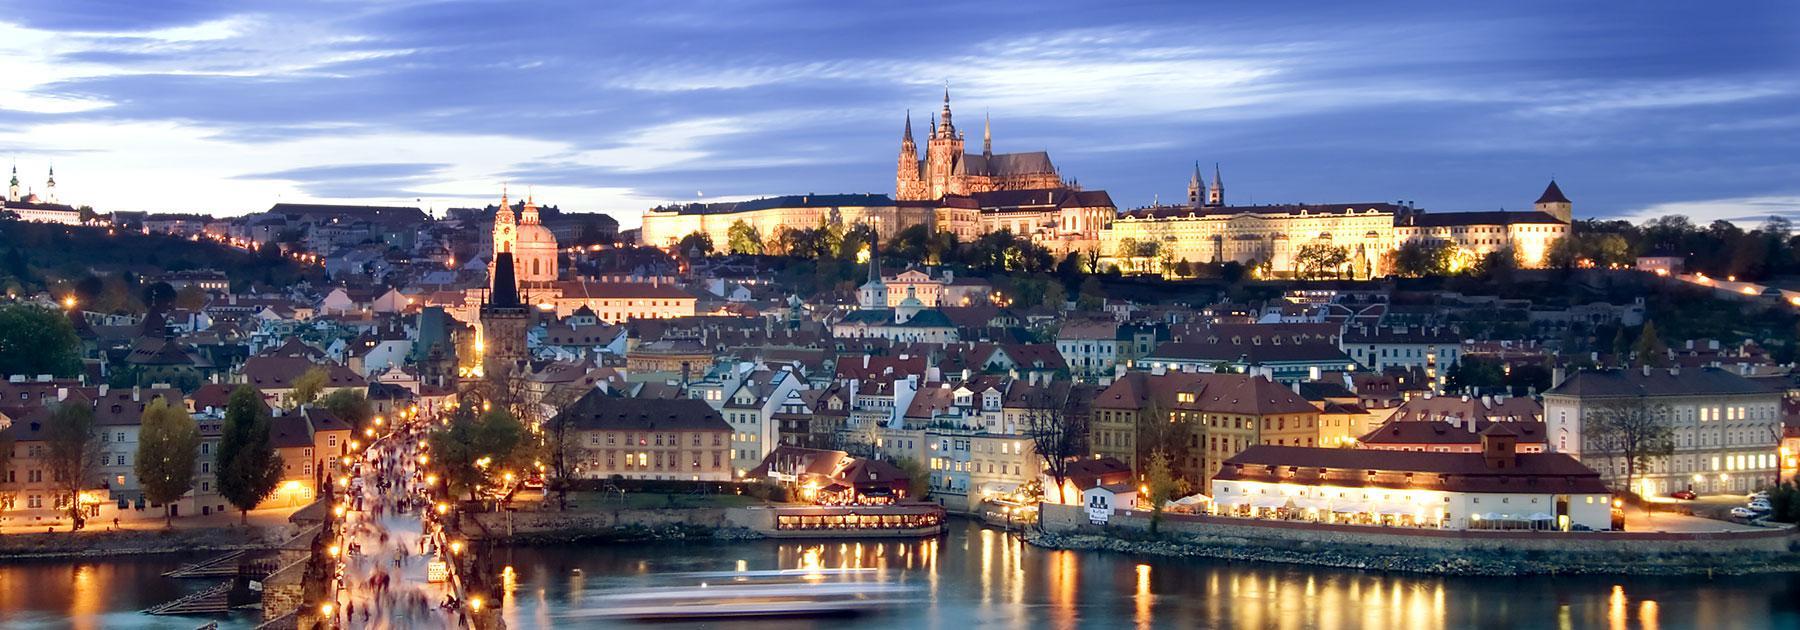 Skyline es un nuevo proyecto residencial de dos torres de 100 metros de altura y 25 plantas que creará una nueva visión de madrid. Prague Vacation Packages | Prague Trips with Airfare from